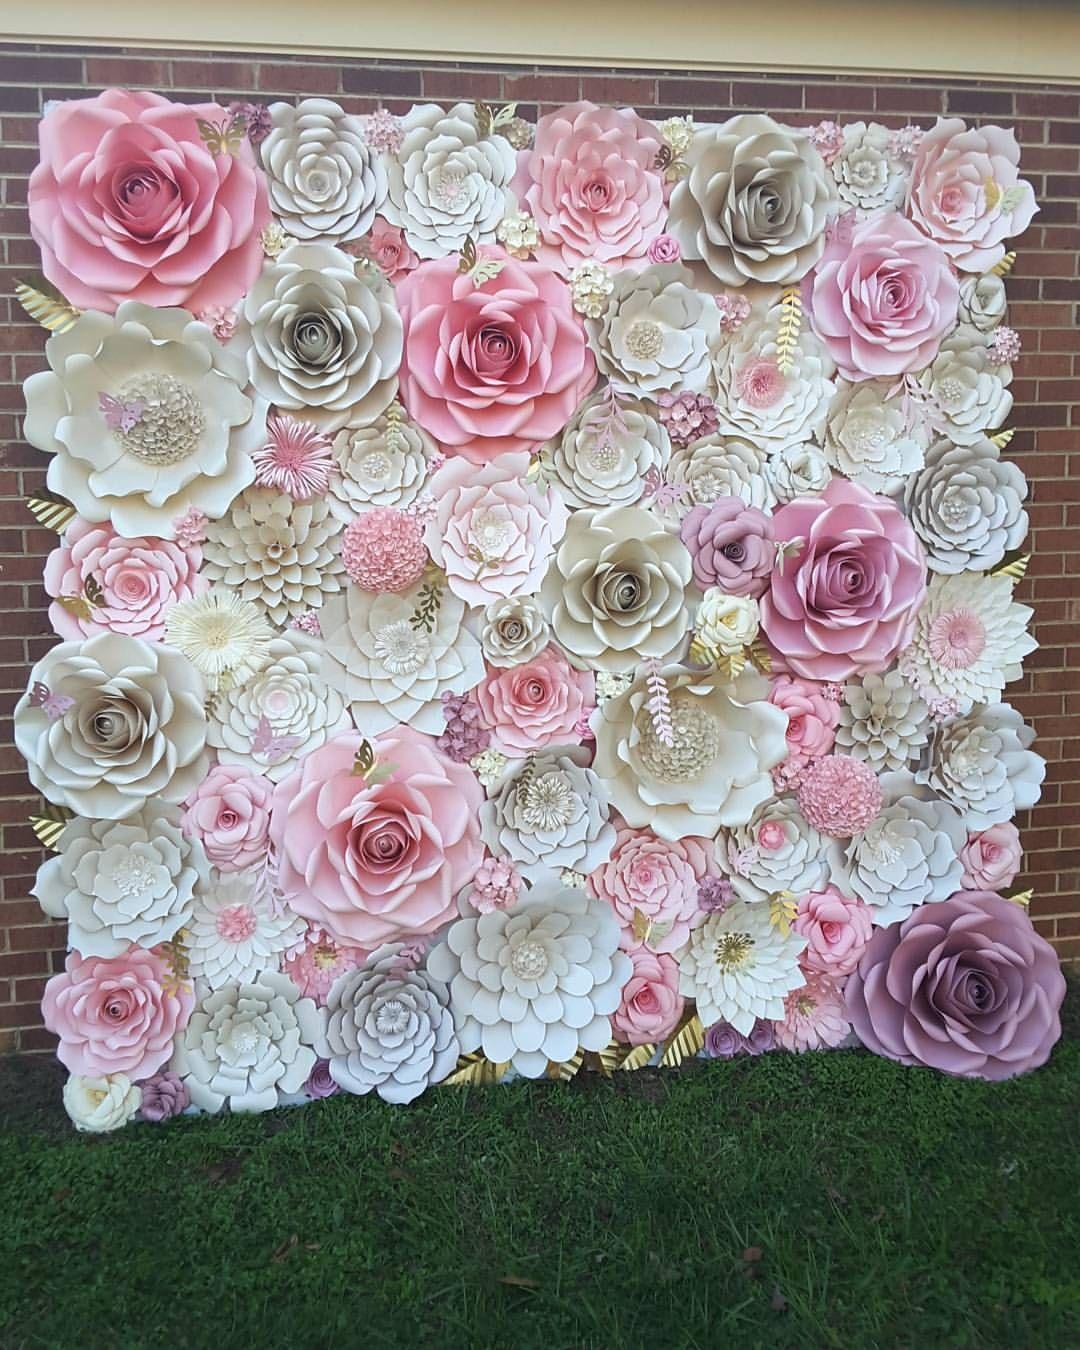 розы для фотозоны своими руками как сделать планируете покупку